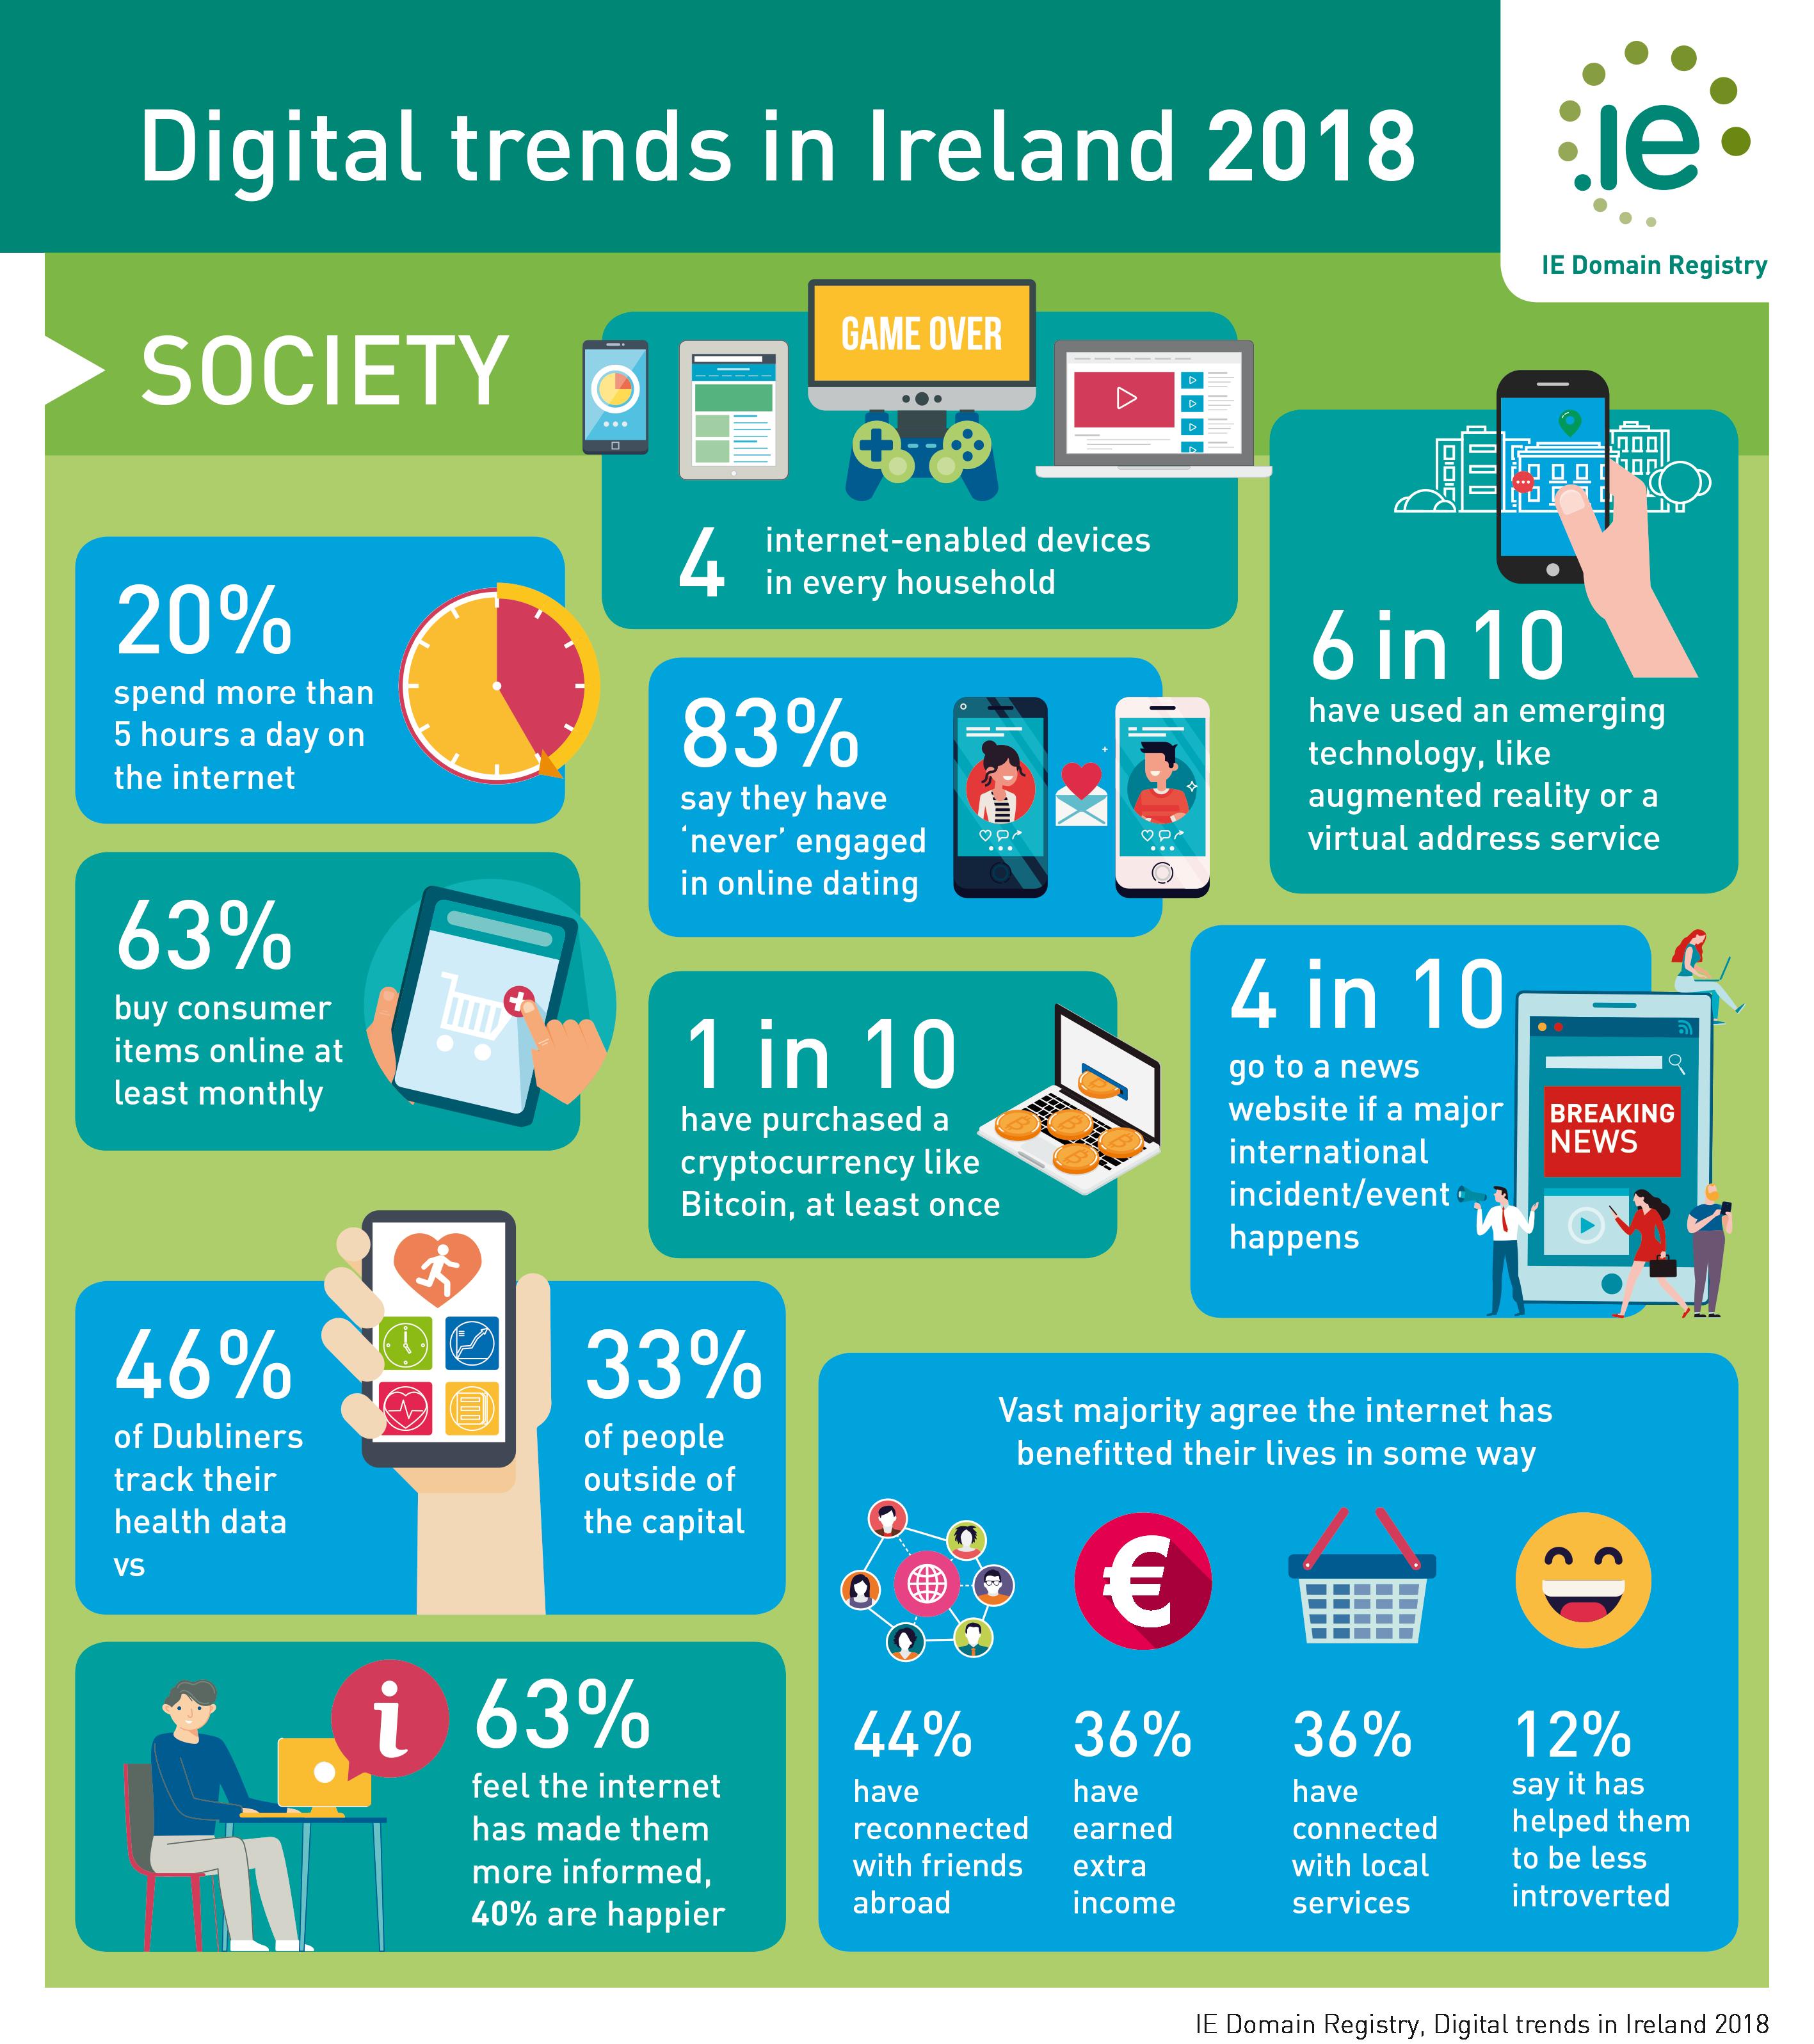 Digital Trends in Ireland 2018 Infographic